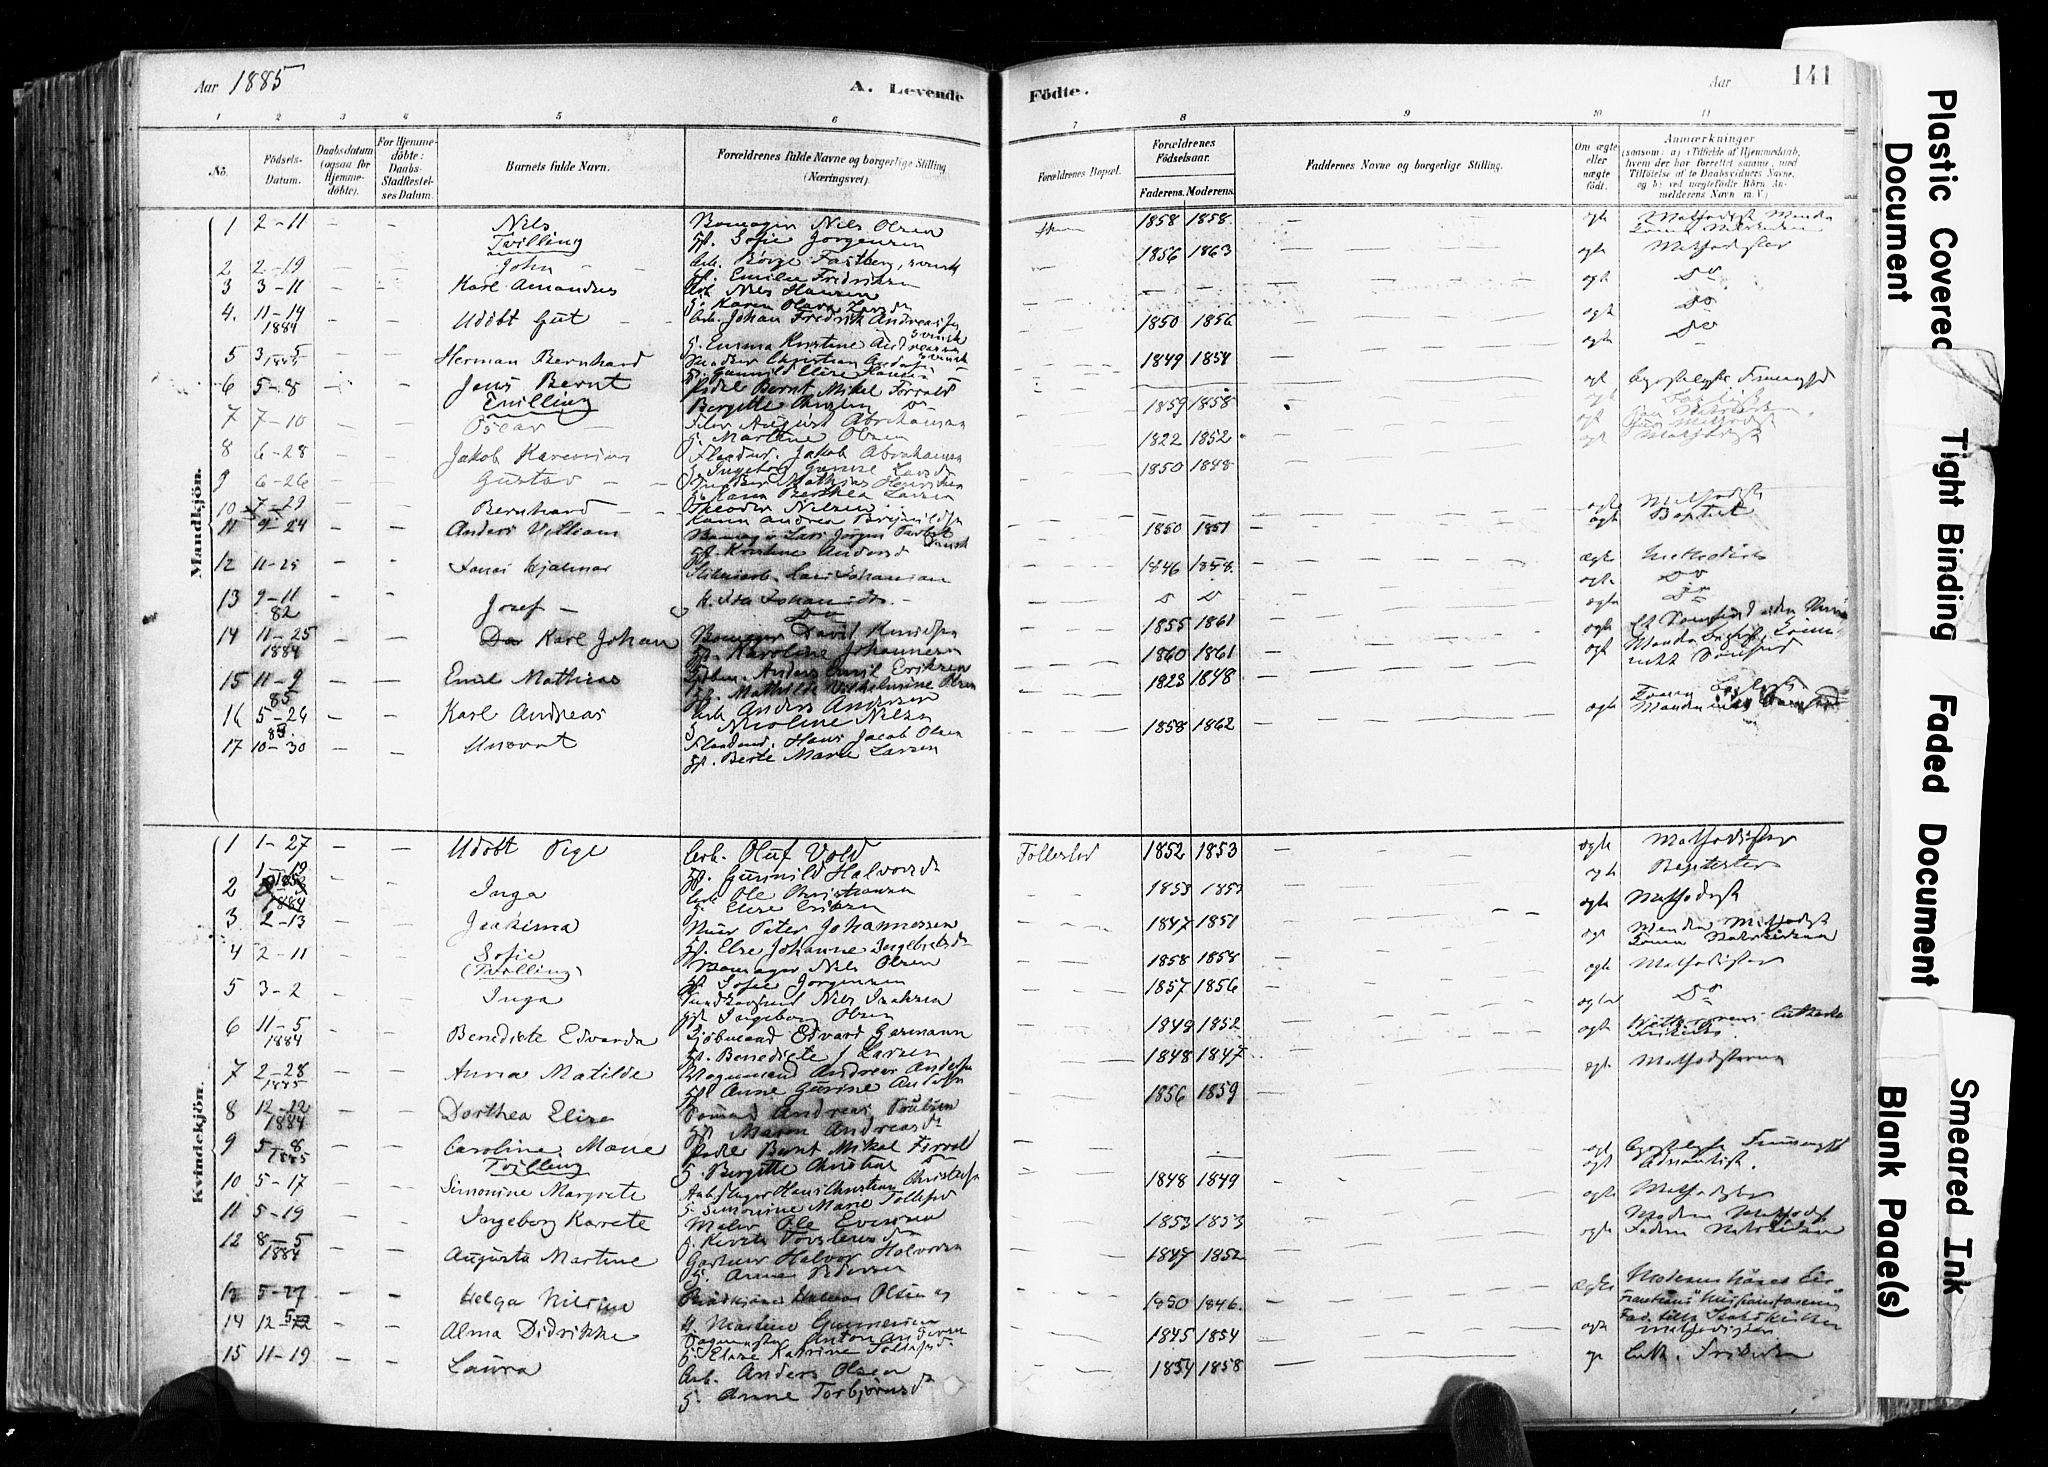 SAKO, Skien kirkebøker, F/Fa/L0009: Ministerialbok nr. 9, 1878-1890, s. 141